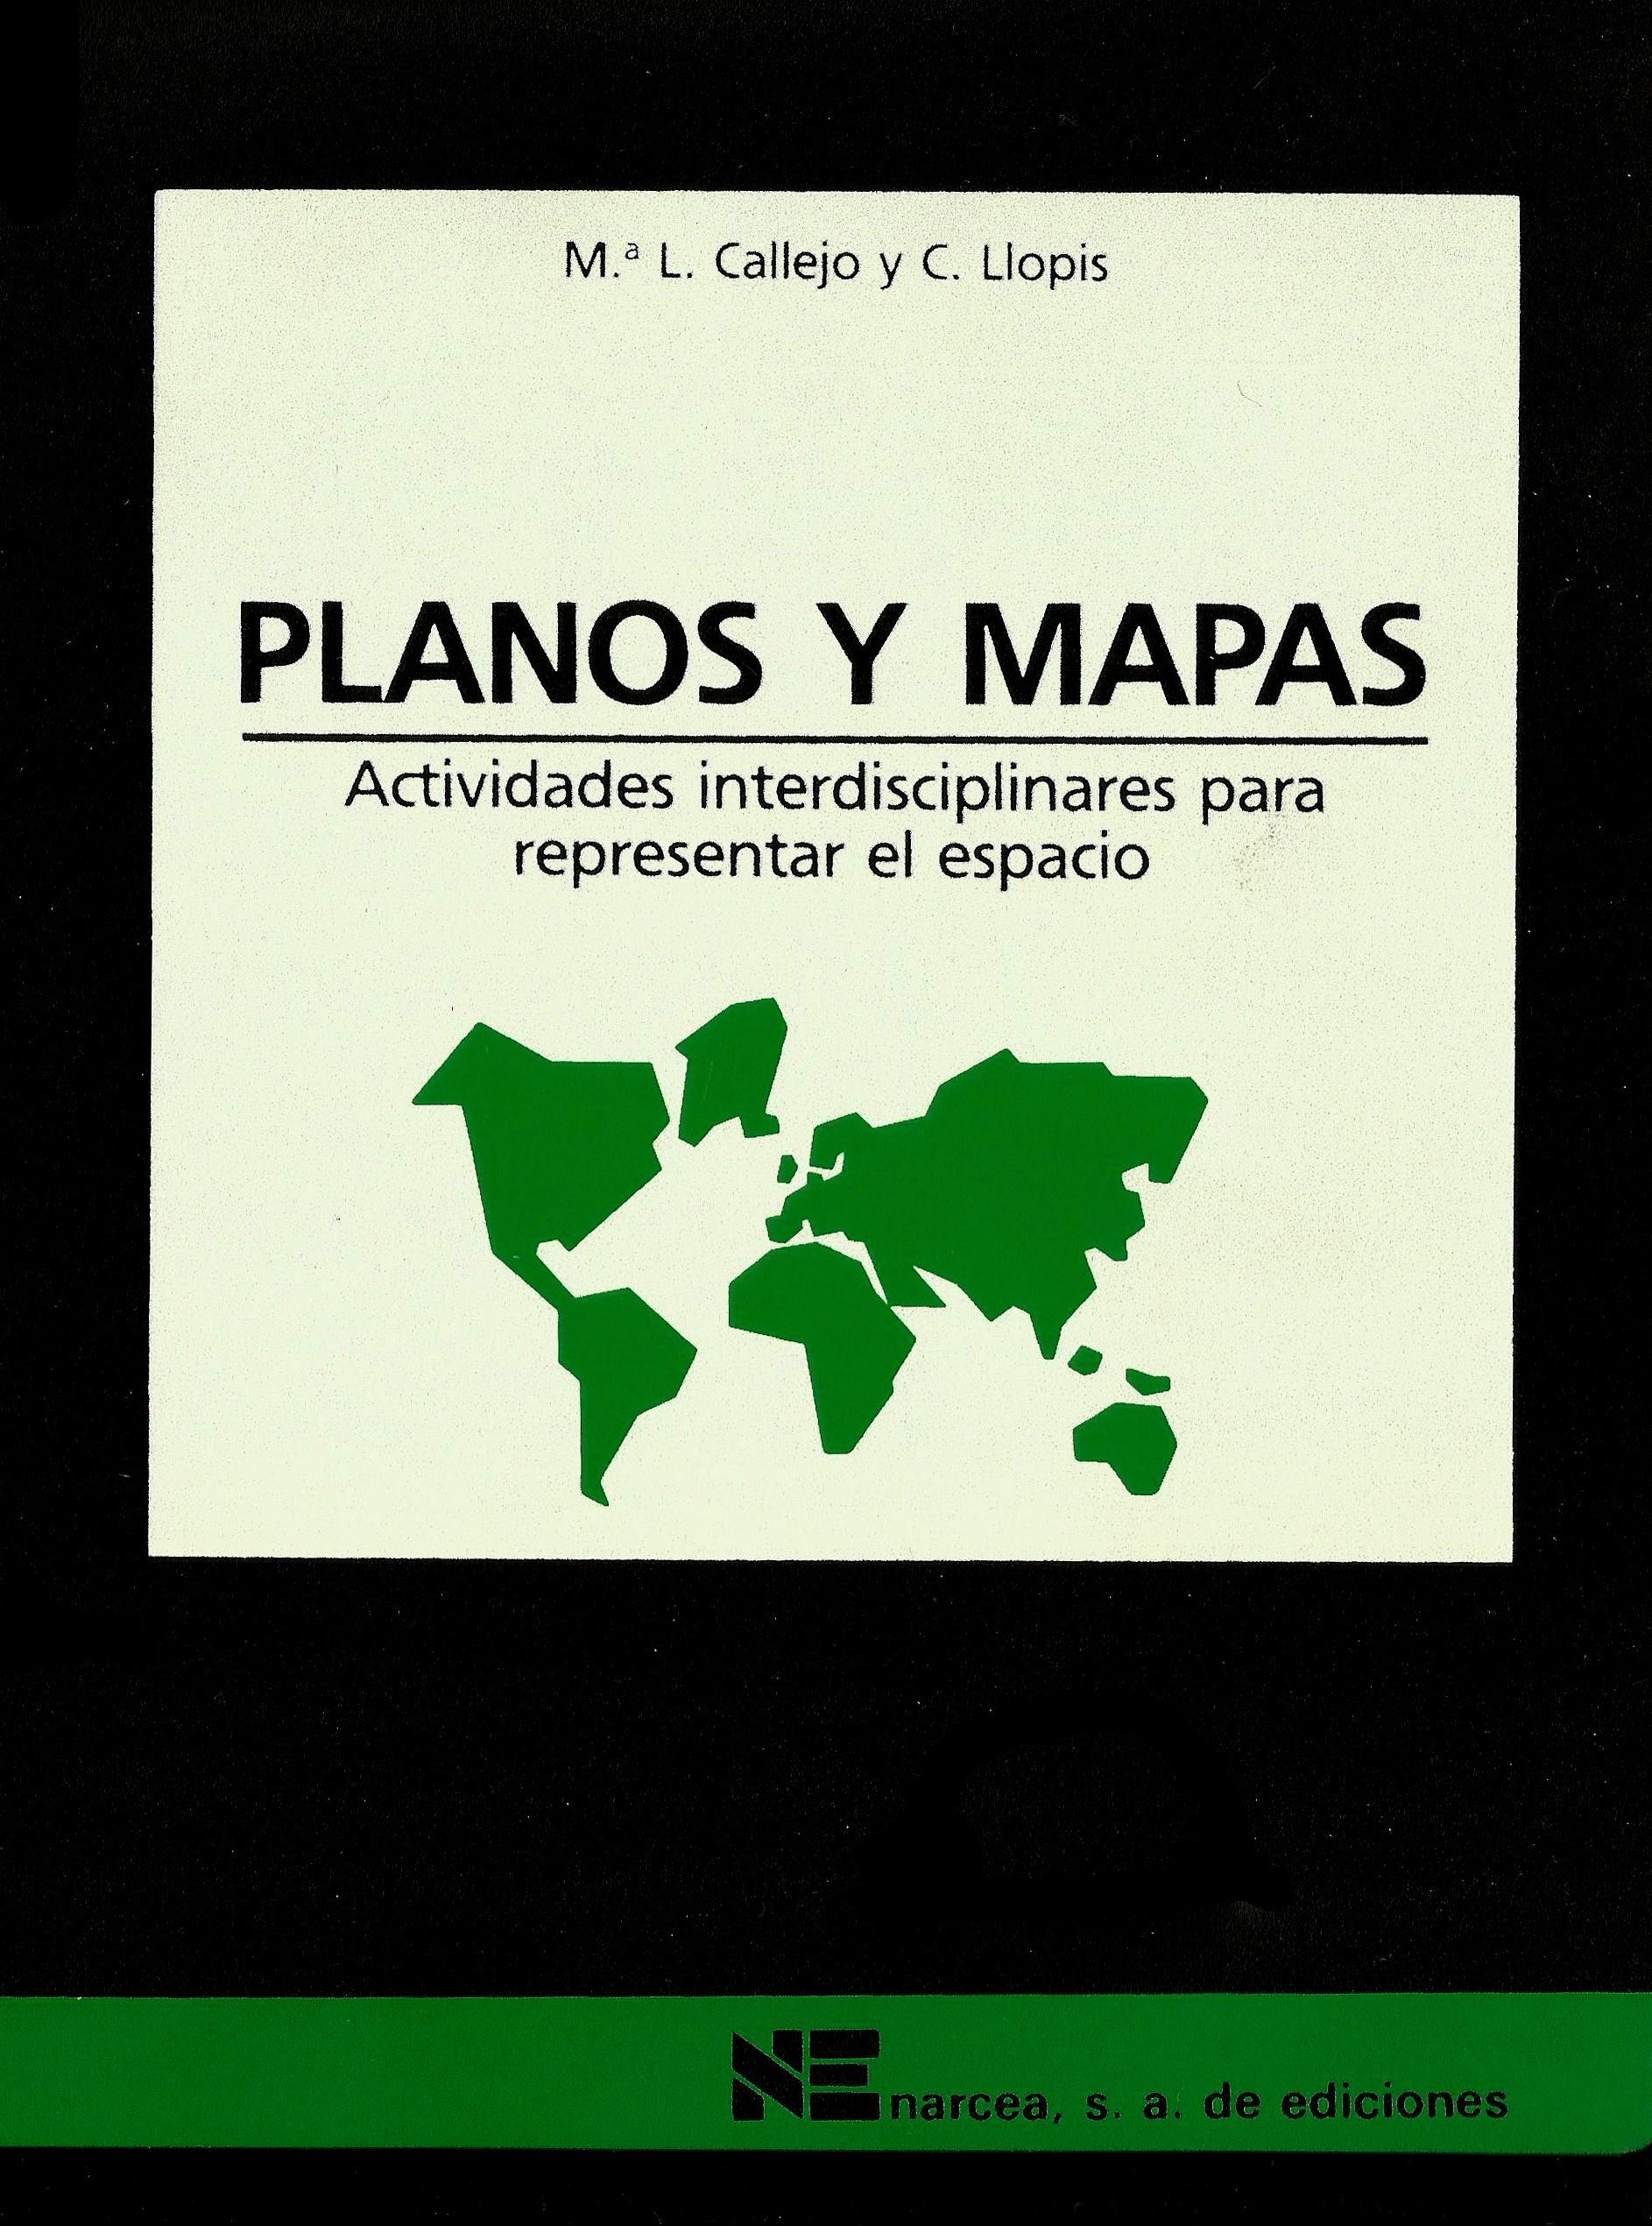 Planos y mapas